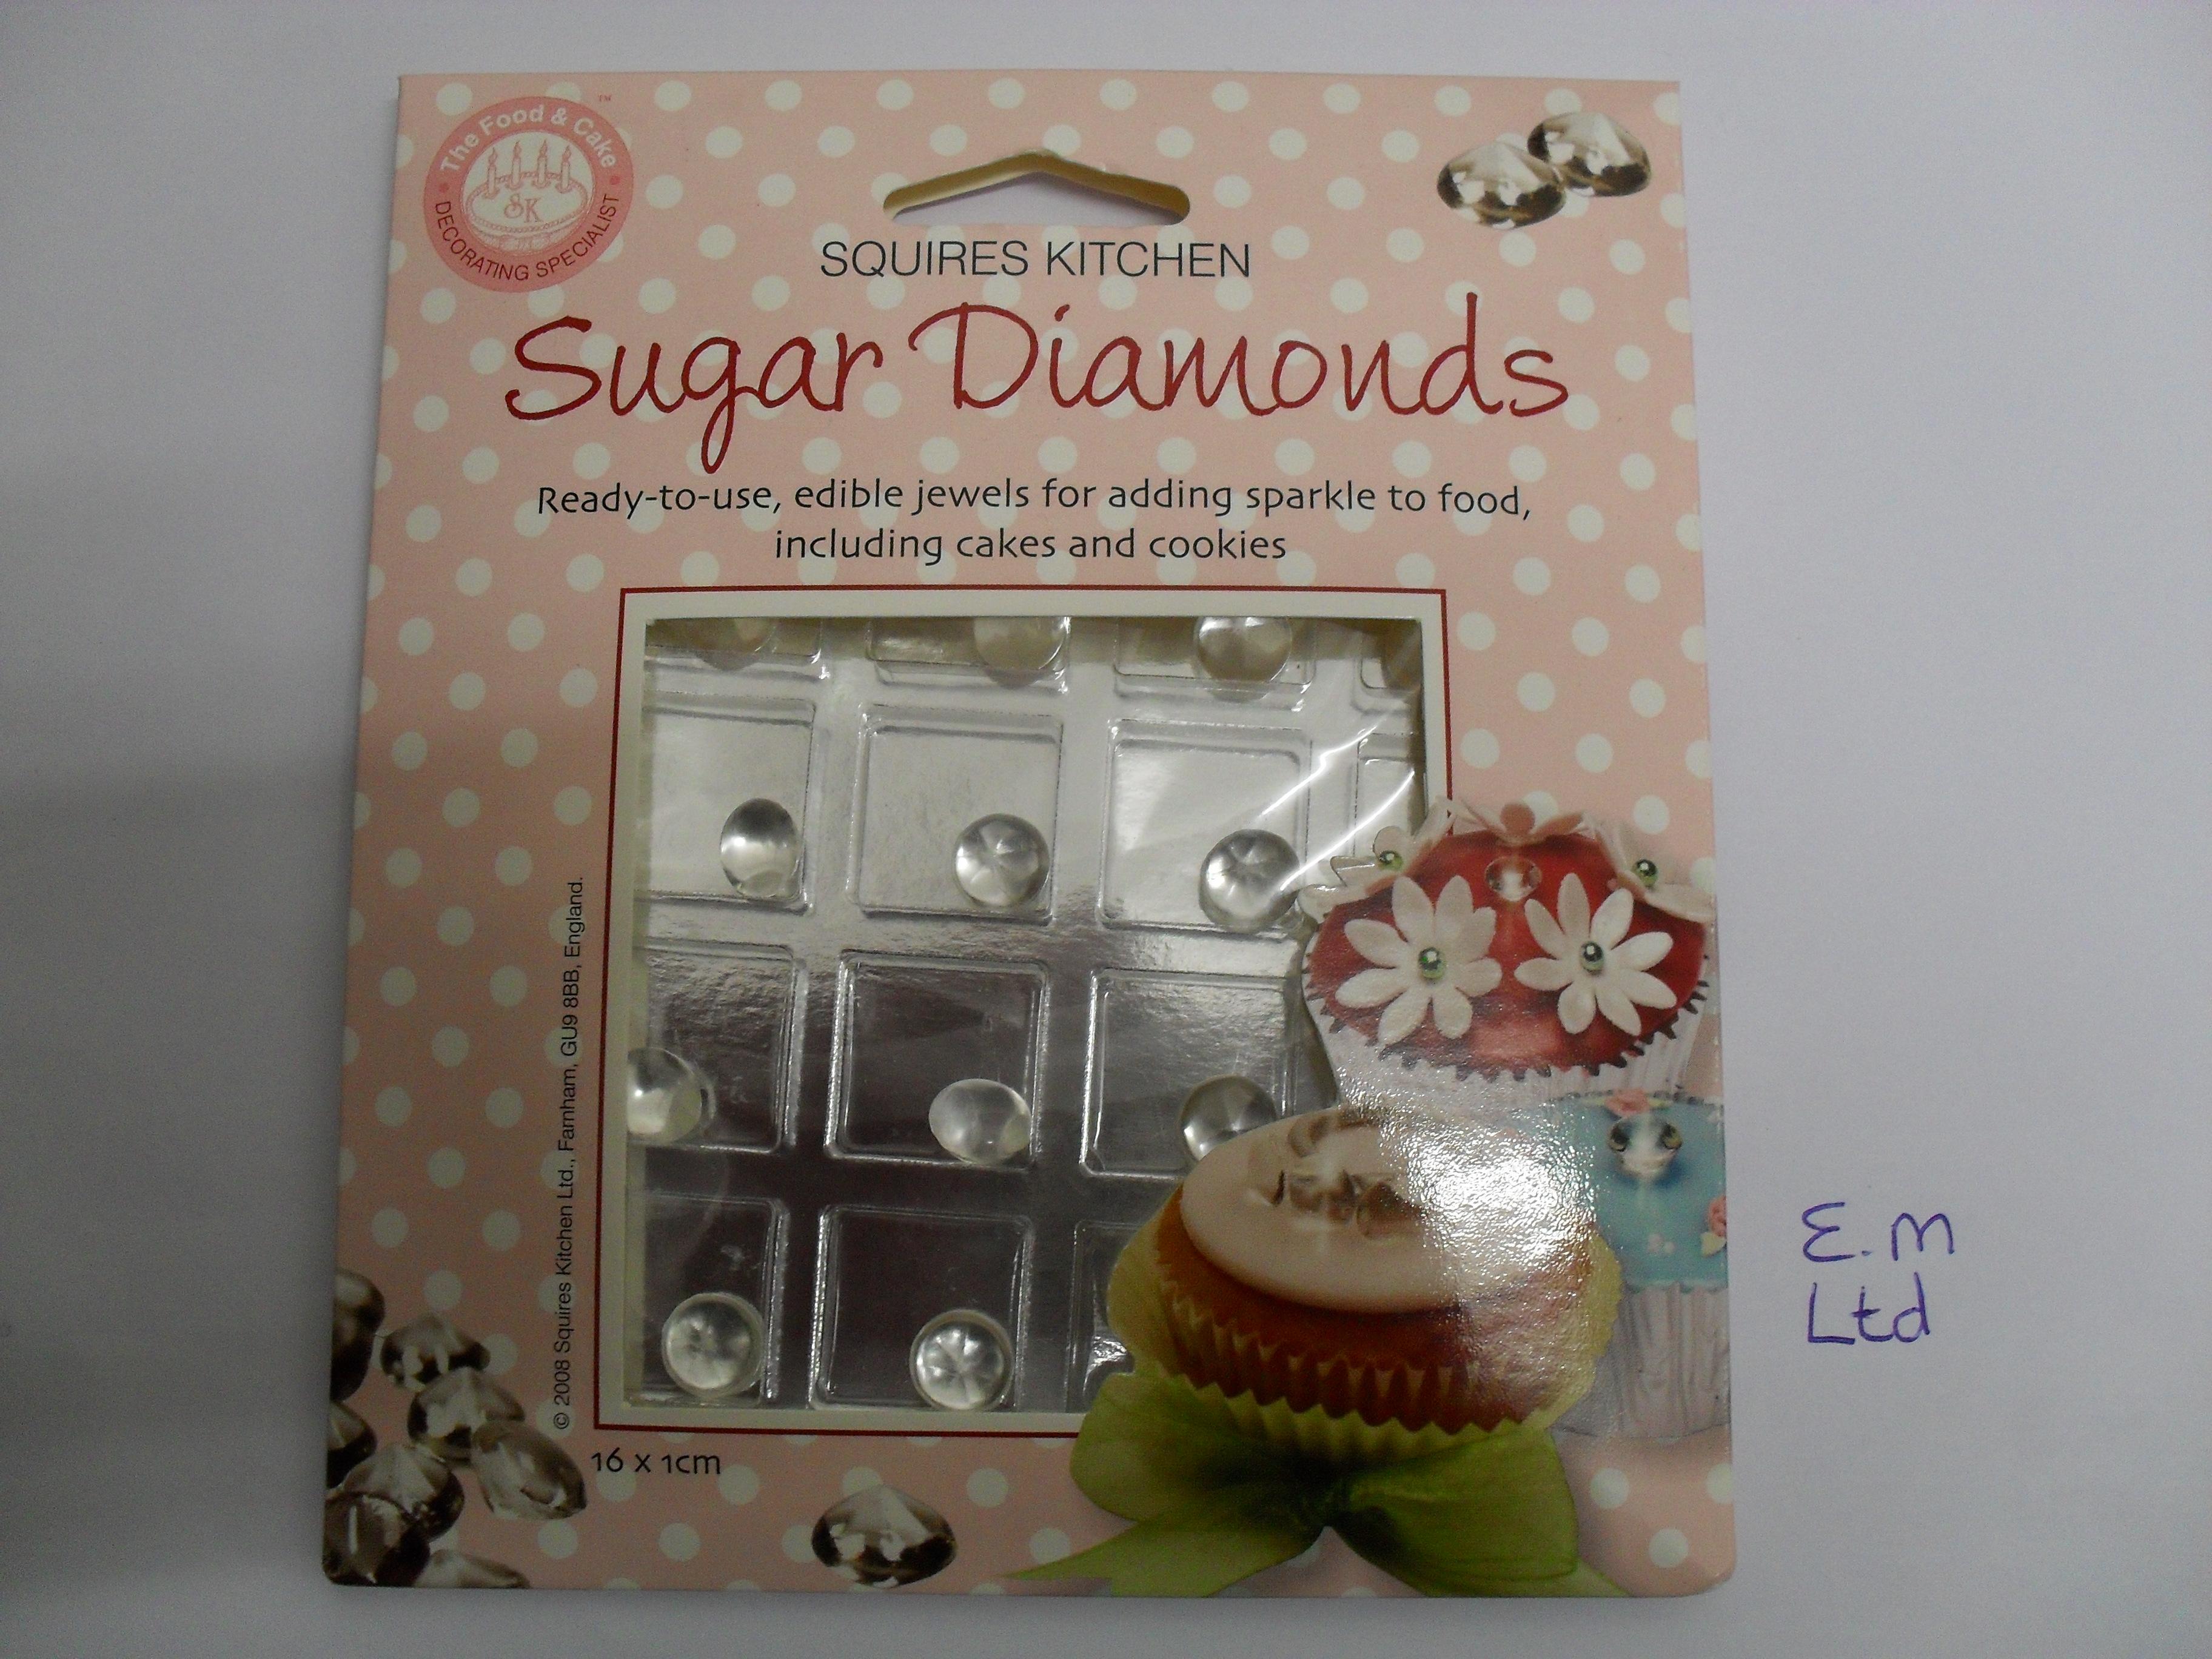 Hochzeit torten dekoration essbare zucker diamanten von for Essbare dekoration